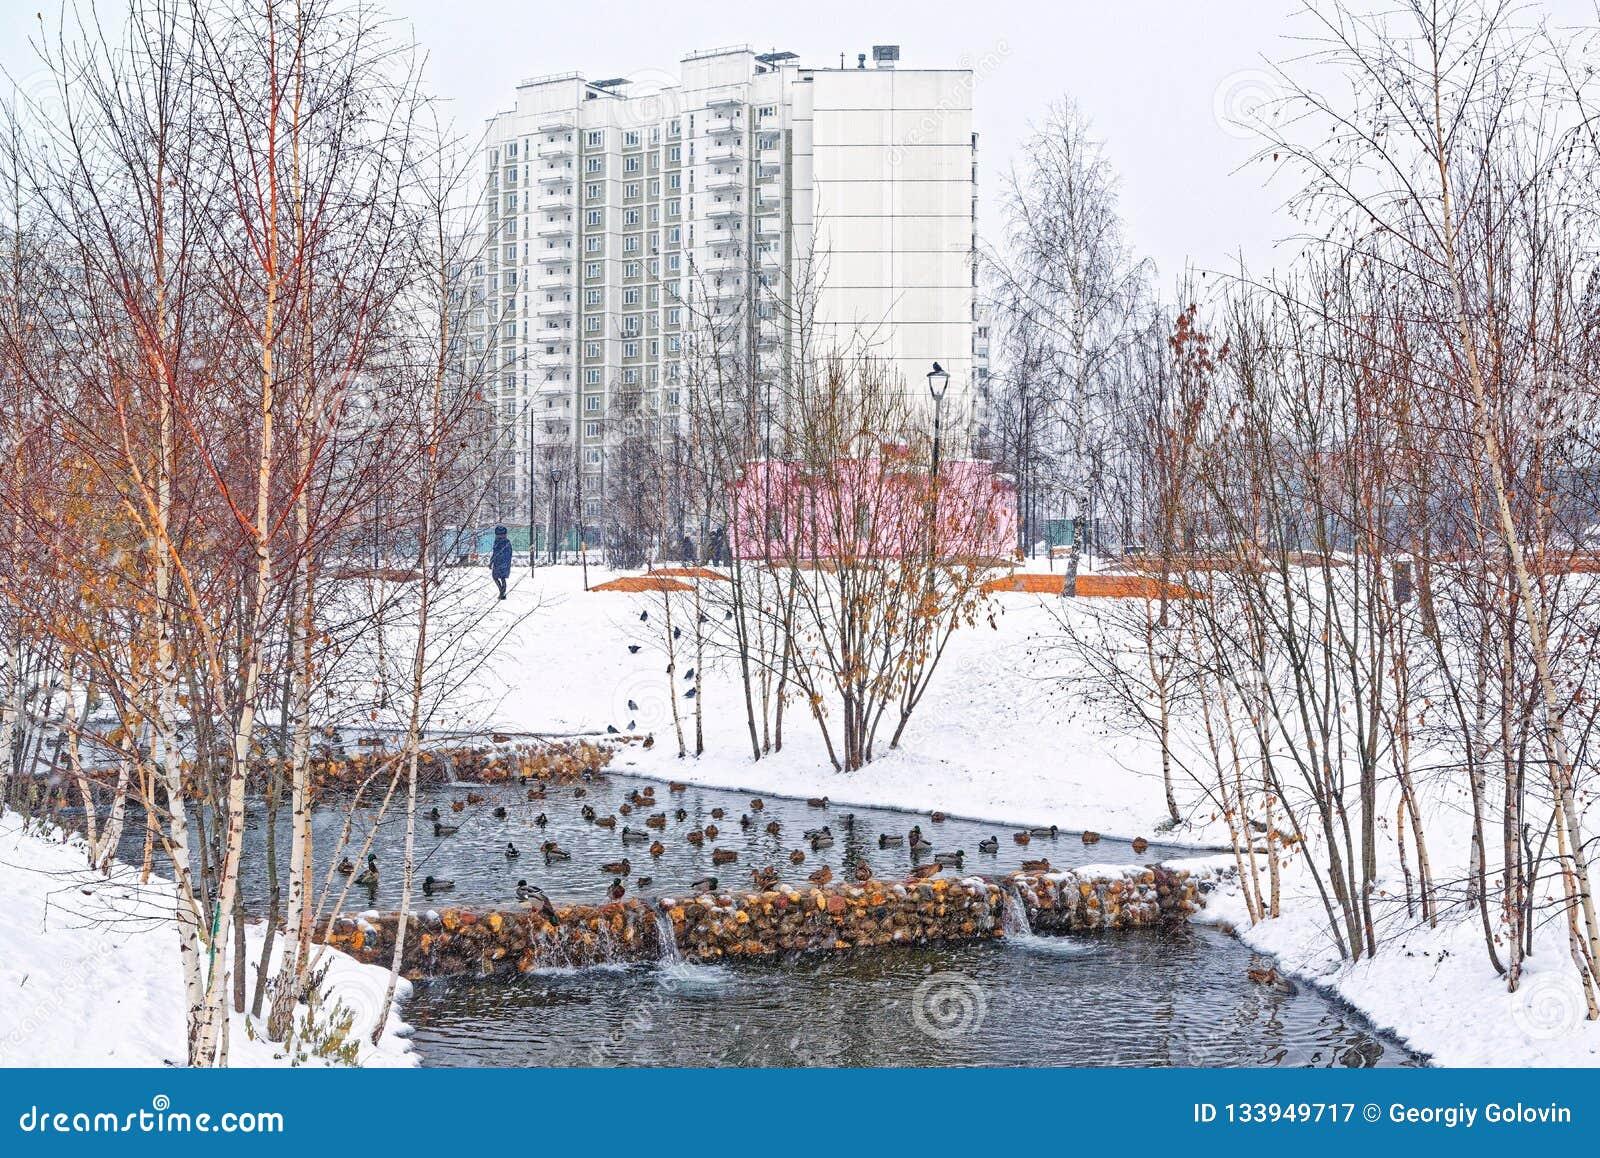 Όμορφο πάρκο πόλεων στα περίχωρα της πόλης Χειμώνας, θλιβεροί ουρανός και ισχυρή χιονόπτωση Οι πάπιες διαχειμάζουν σε ένα ξεπαγωμ